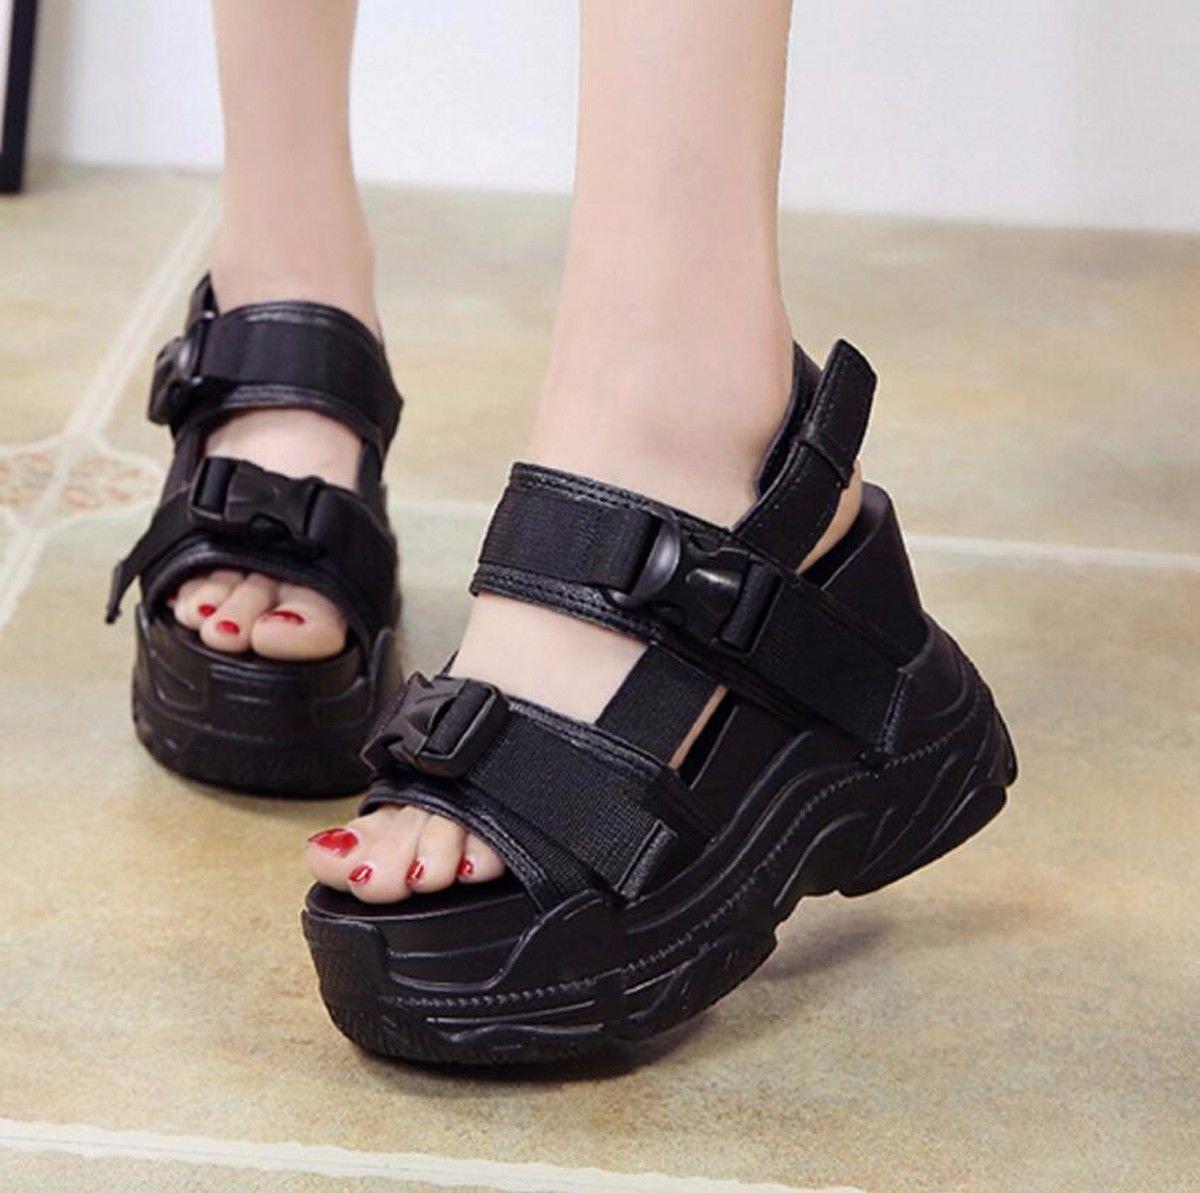 GTVERNH Damenschuhe Sandalen Sommer Joker Flache Schuhe Zusammenbrach